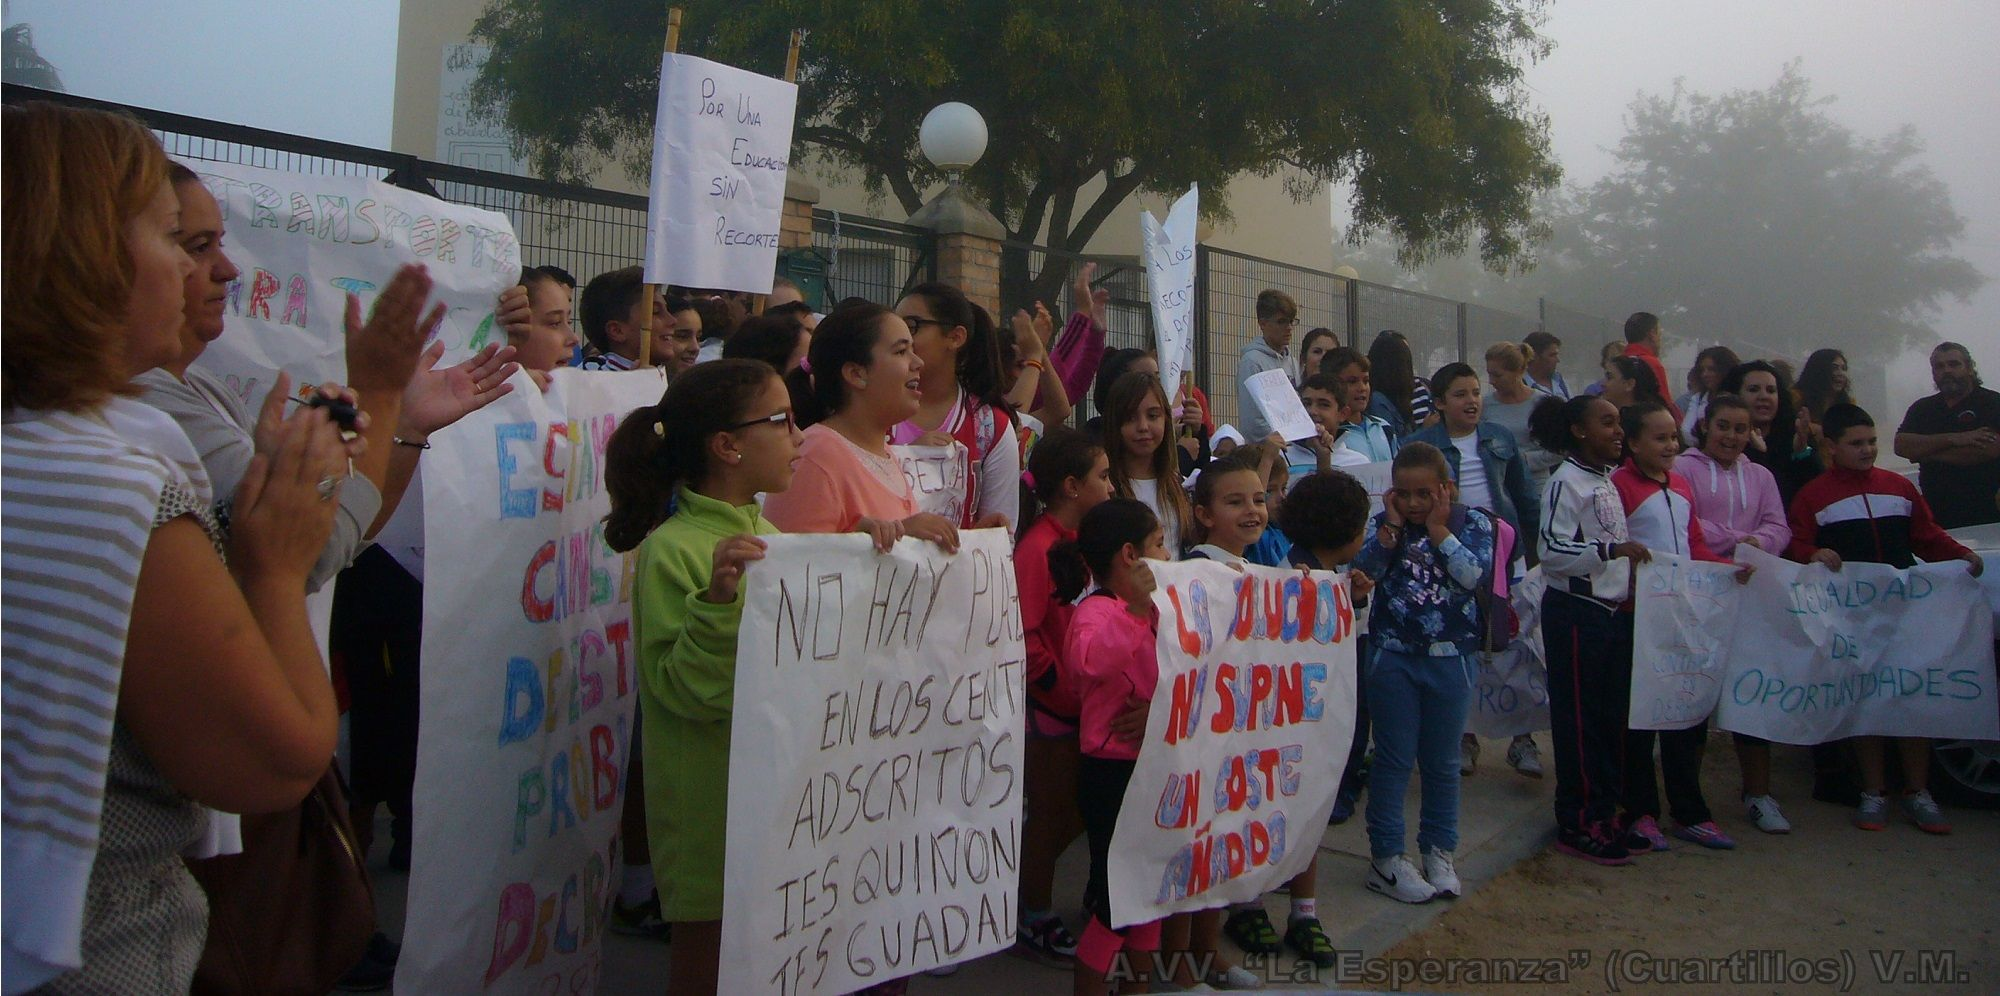 """A.VV. """"La Esperanza"""" (Cuartillos) en contra de la Delegación Territorial de Educación de Cádiz . V.M."""